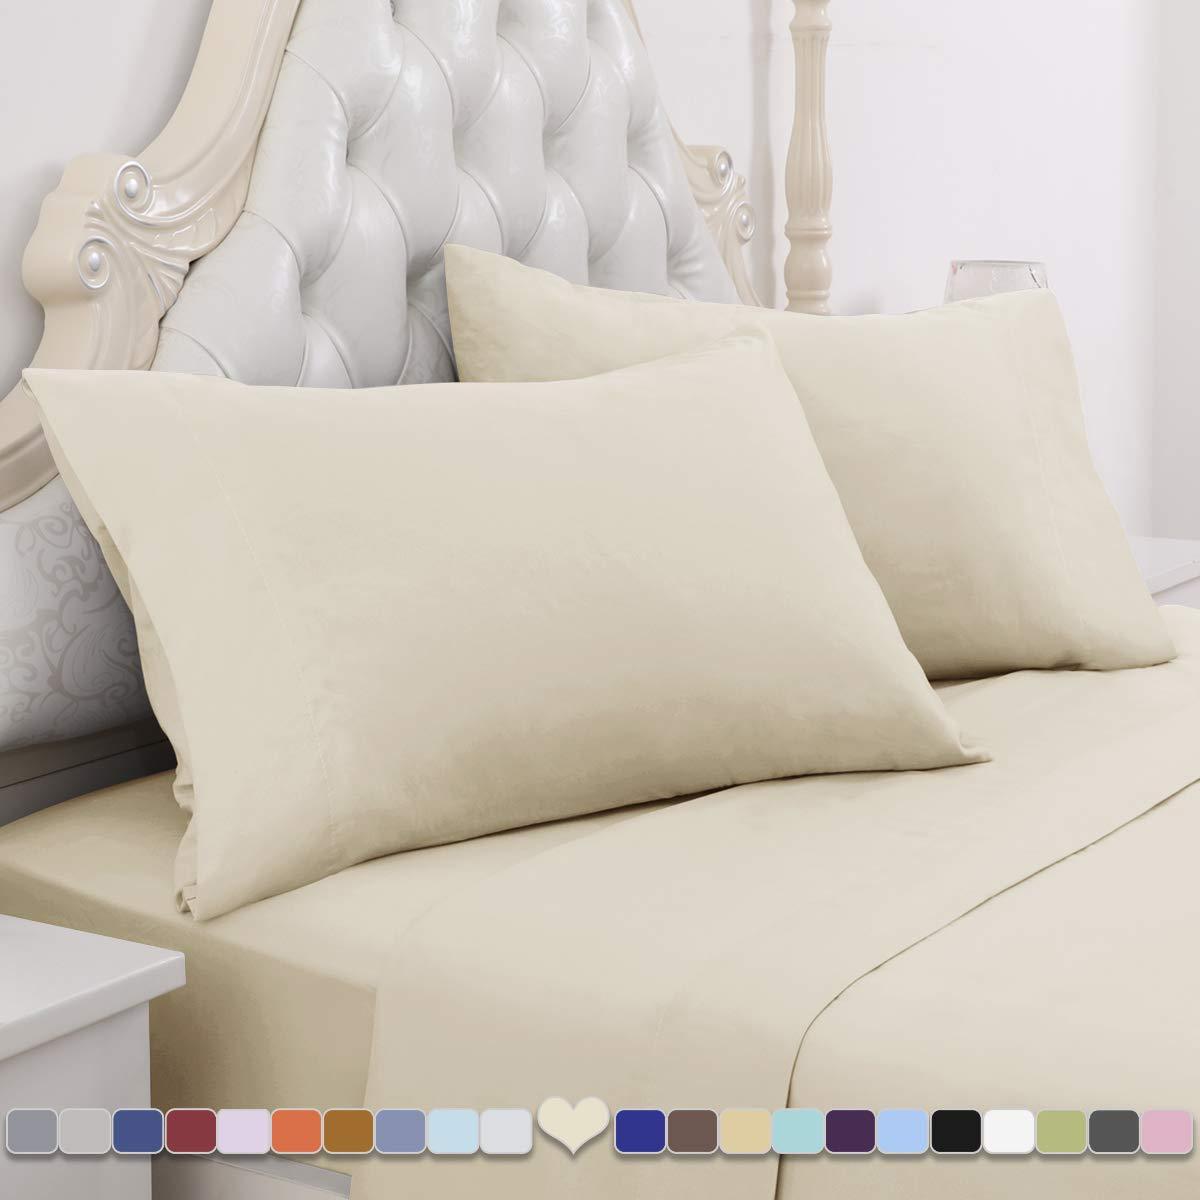 HOMEIDEAS 4 Piece Bed Sheet Set (Queen, Cream=Beige) 100% Brushed Microfiber 1800 Bedding Sheets - Deep Pockets